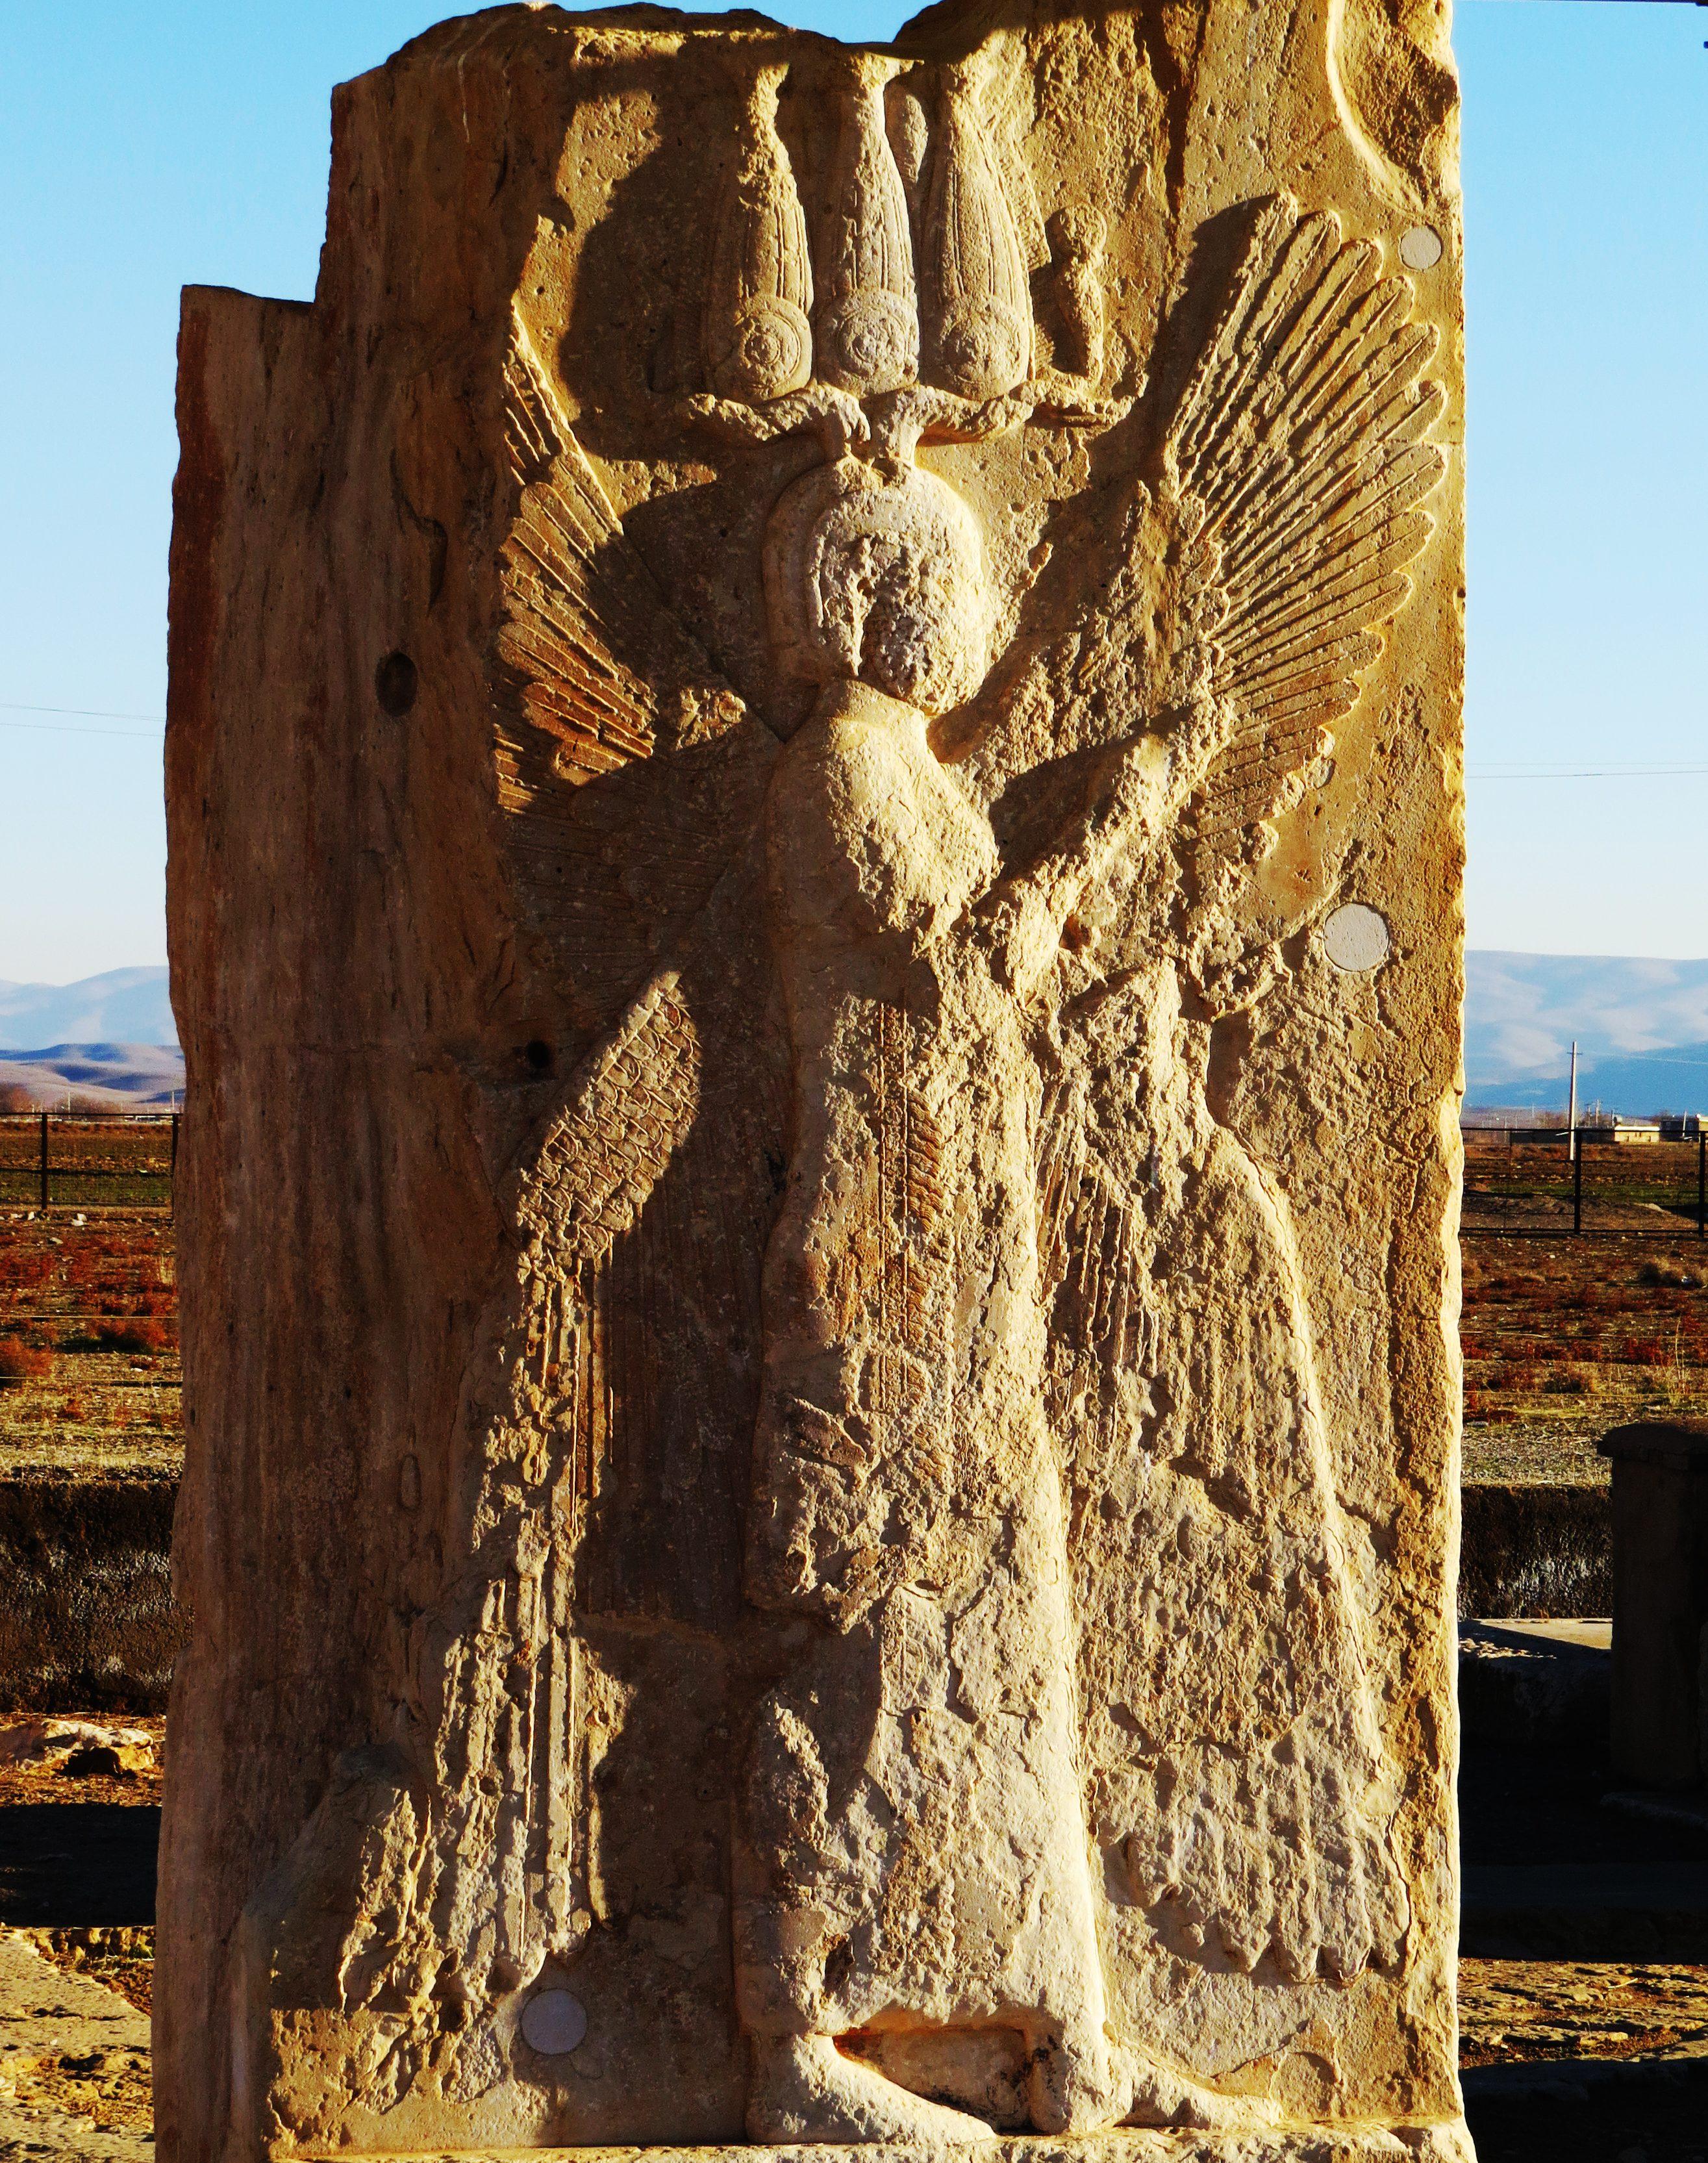 上图:戴着古埃及「叫喊」冠(Hemhem crown)的古列王浮雕,位于帕萨尔加德(Pasagardae)的古列陵墓。